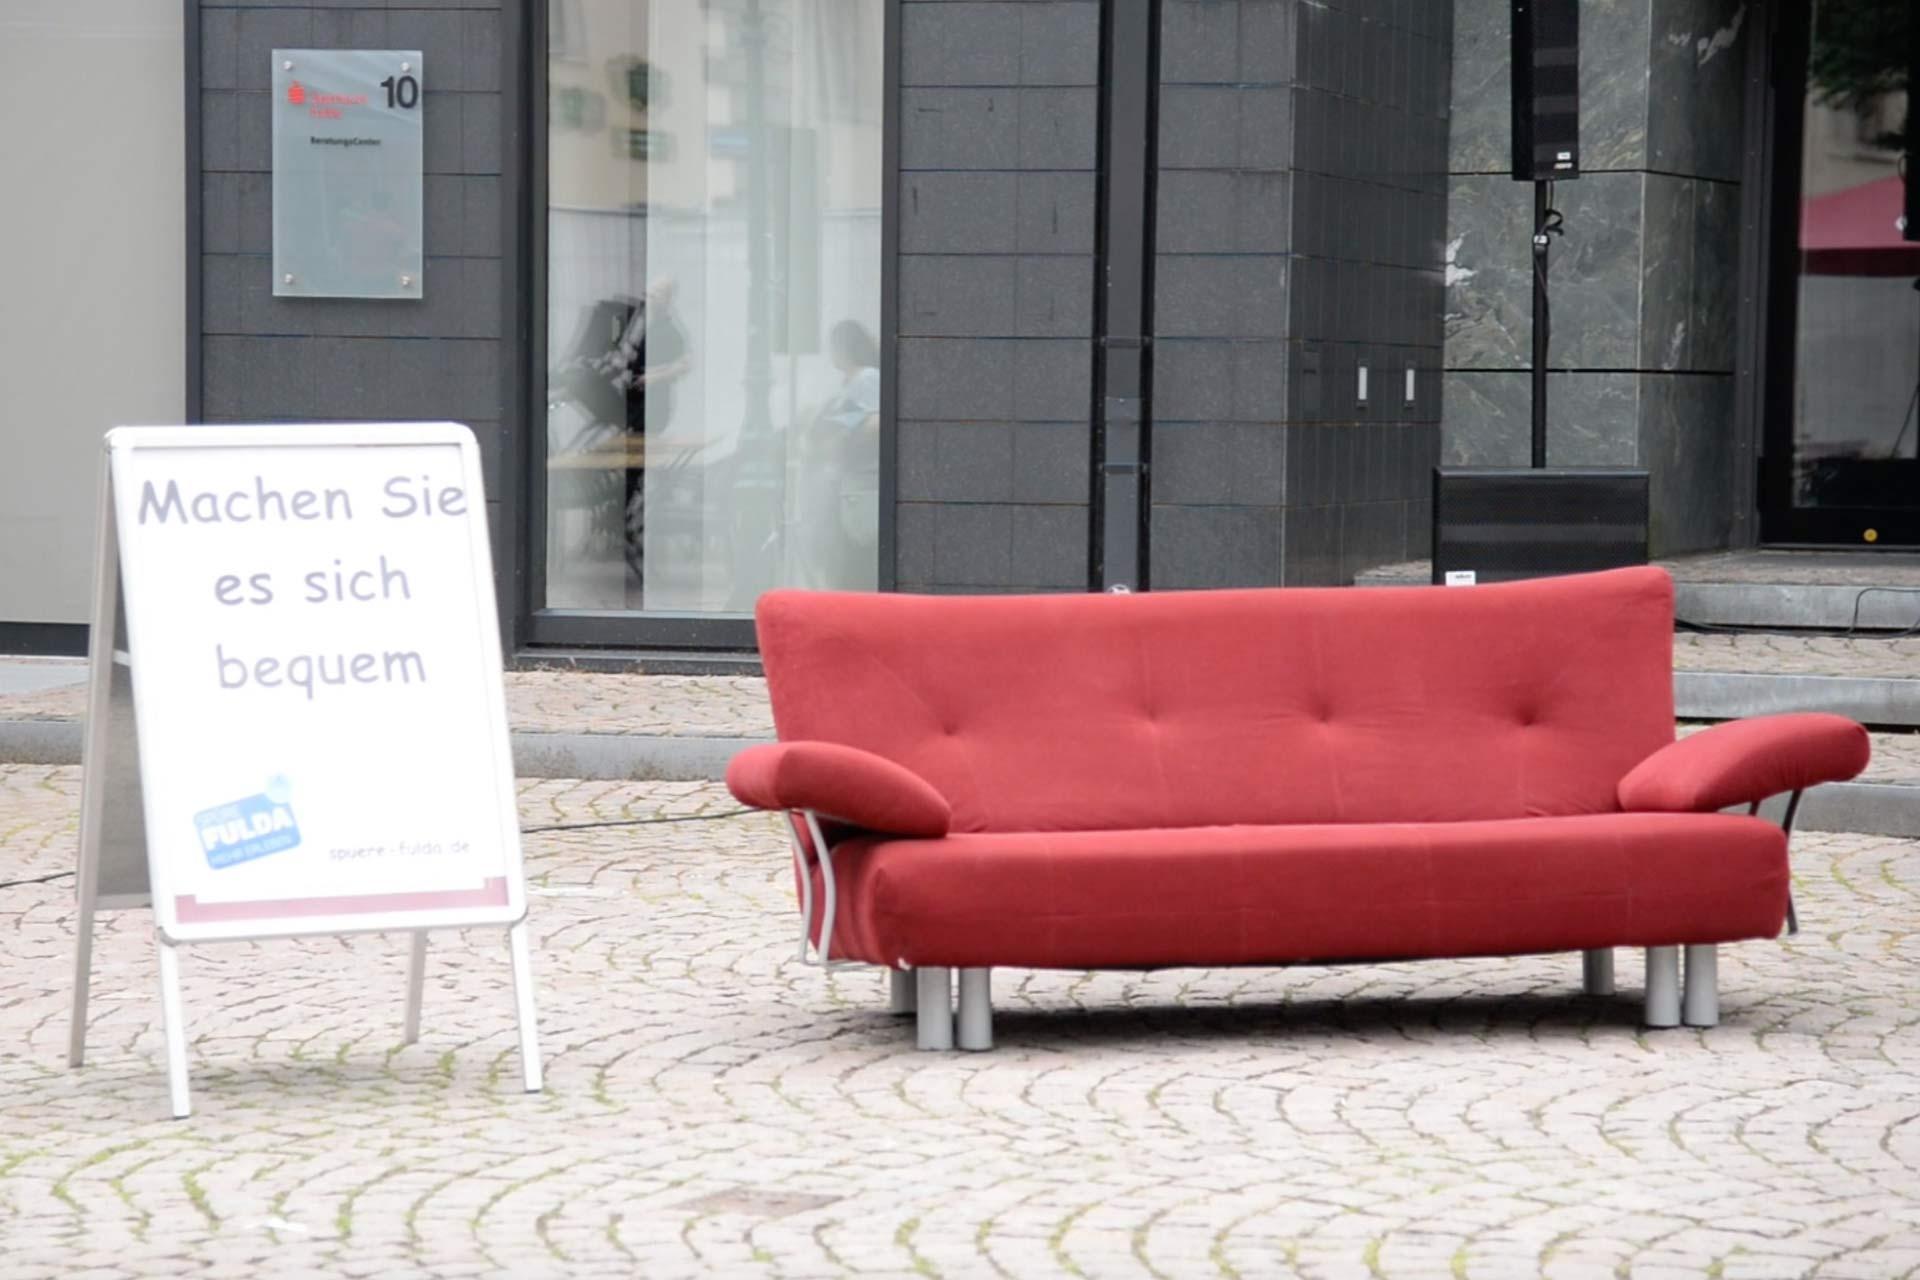 Rotes Sofa Fulda Die Live überraschungsaktion In Der City Am 020618